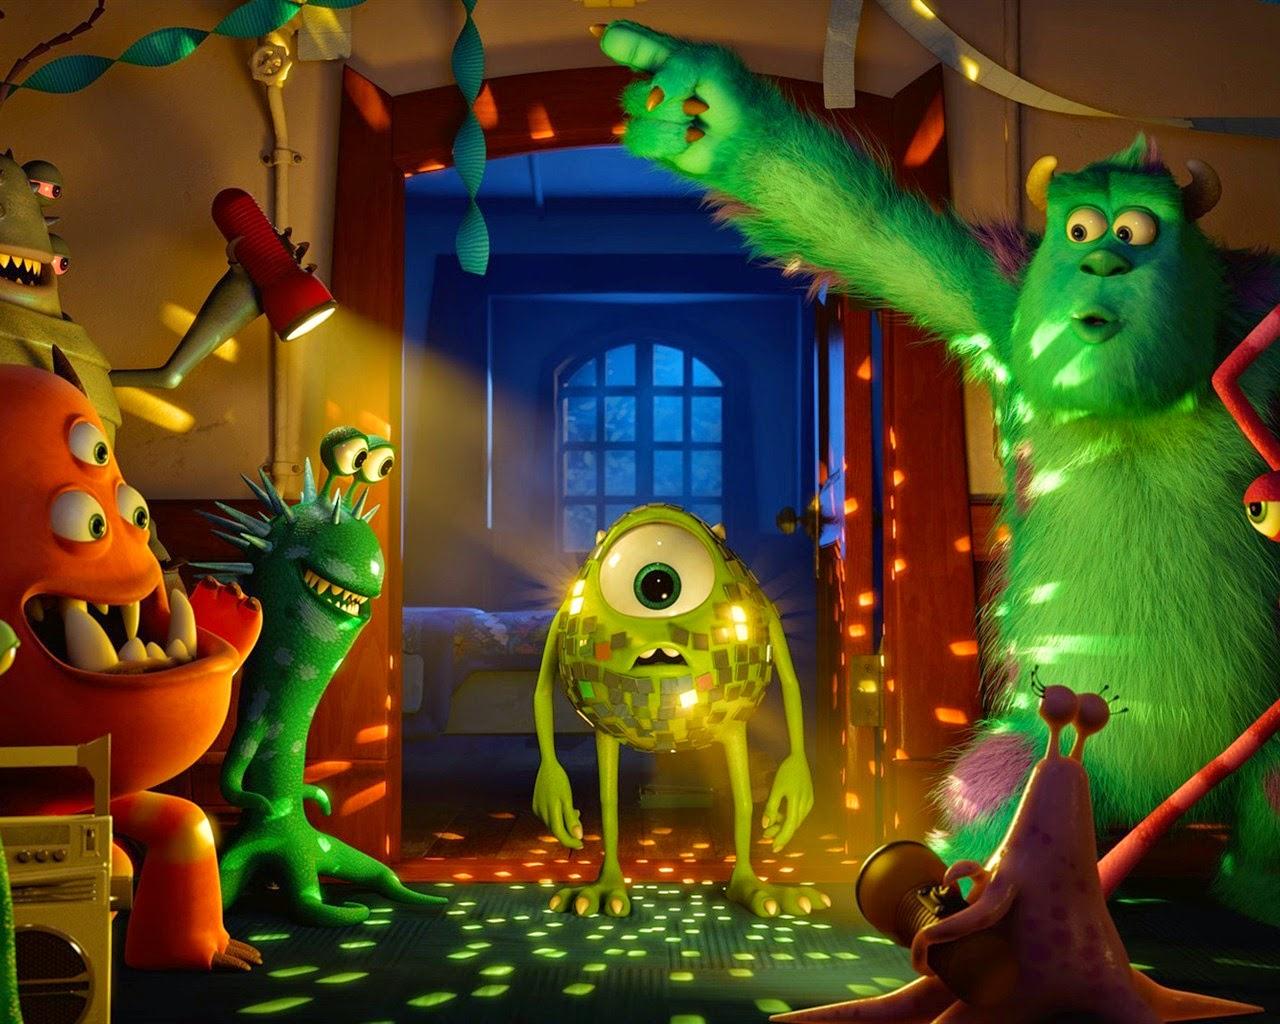 Fondo de pantalla de monster universe wallpapers hd for Fondos de pantalla hd para pc